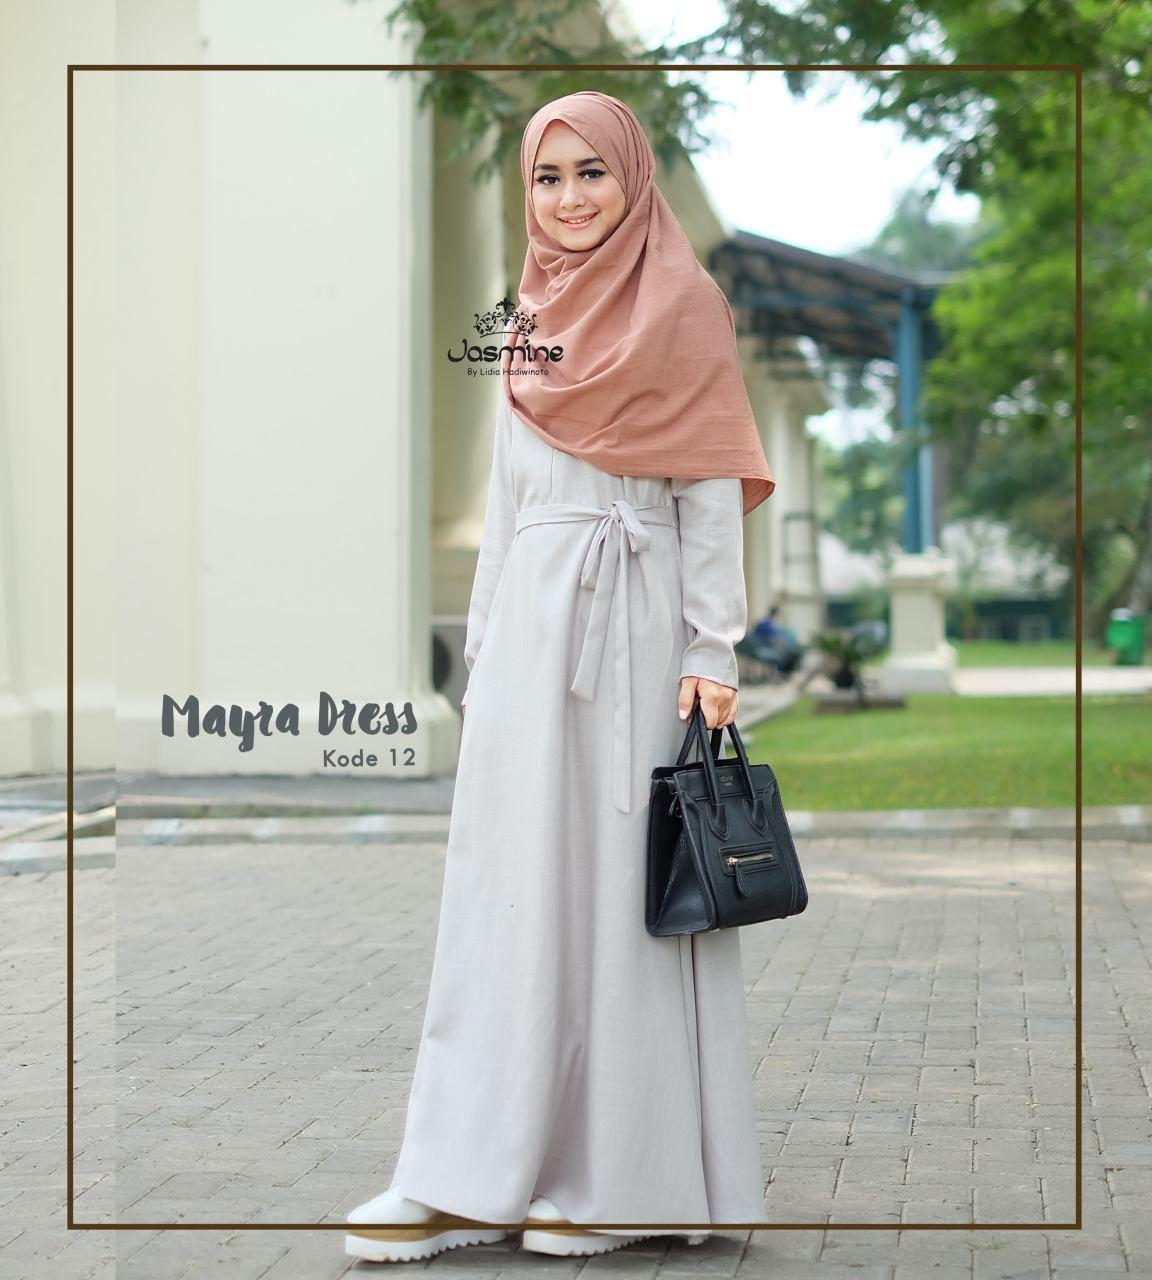 Gamis Jasmine Mayra Dress 12 Baju Wanita Busana Muslim Cantik Katun Hitam Rok 05 Untukmu Yg Syari Dan